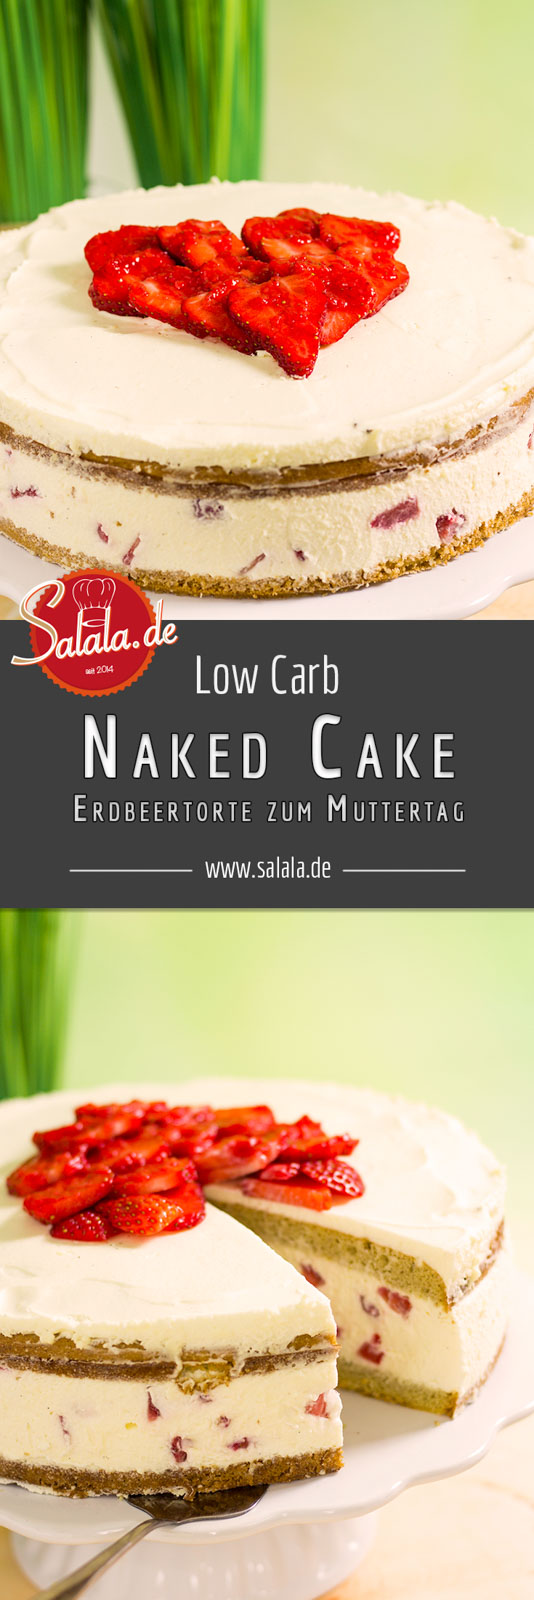 Naked Cake Low Carb Erdbeertorte - glutenfrei Wir haben zum diesjährigen Muttertag wieder was mit Erdbeeren gemacht. Saftige, sahnige Erdbeertorte ohne Zucker und ohne Mehl aber mit super fluffigem Bisquit!